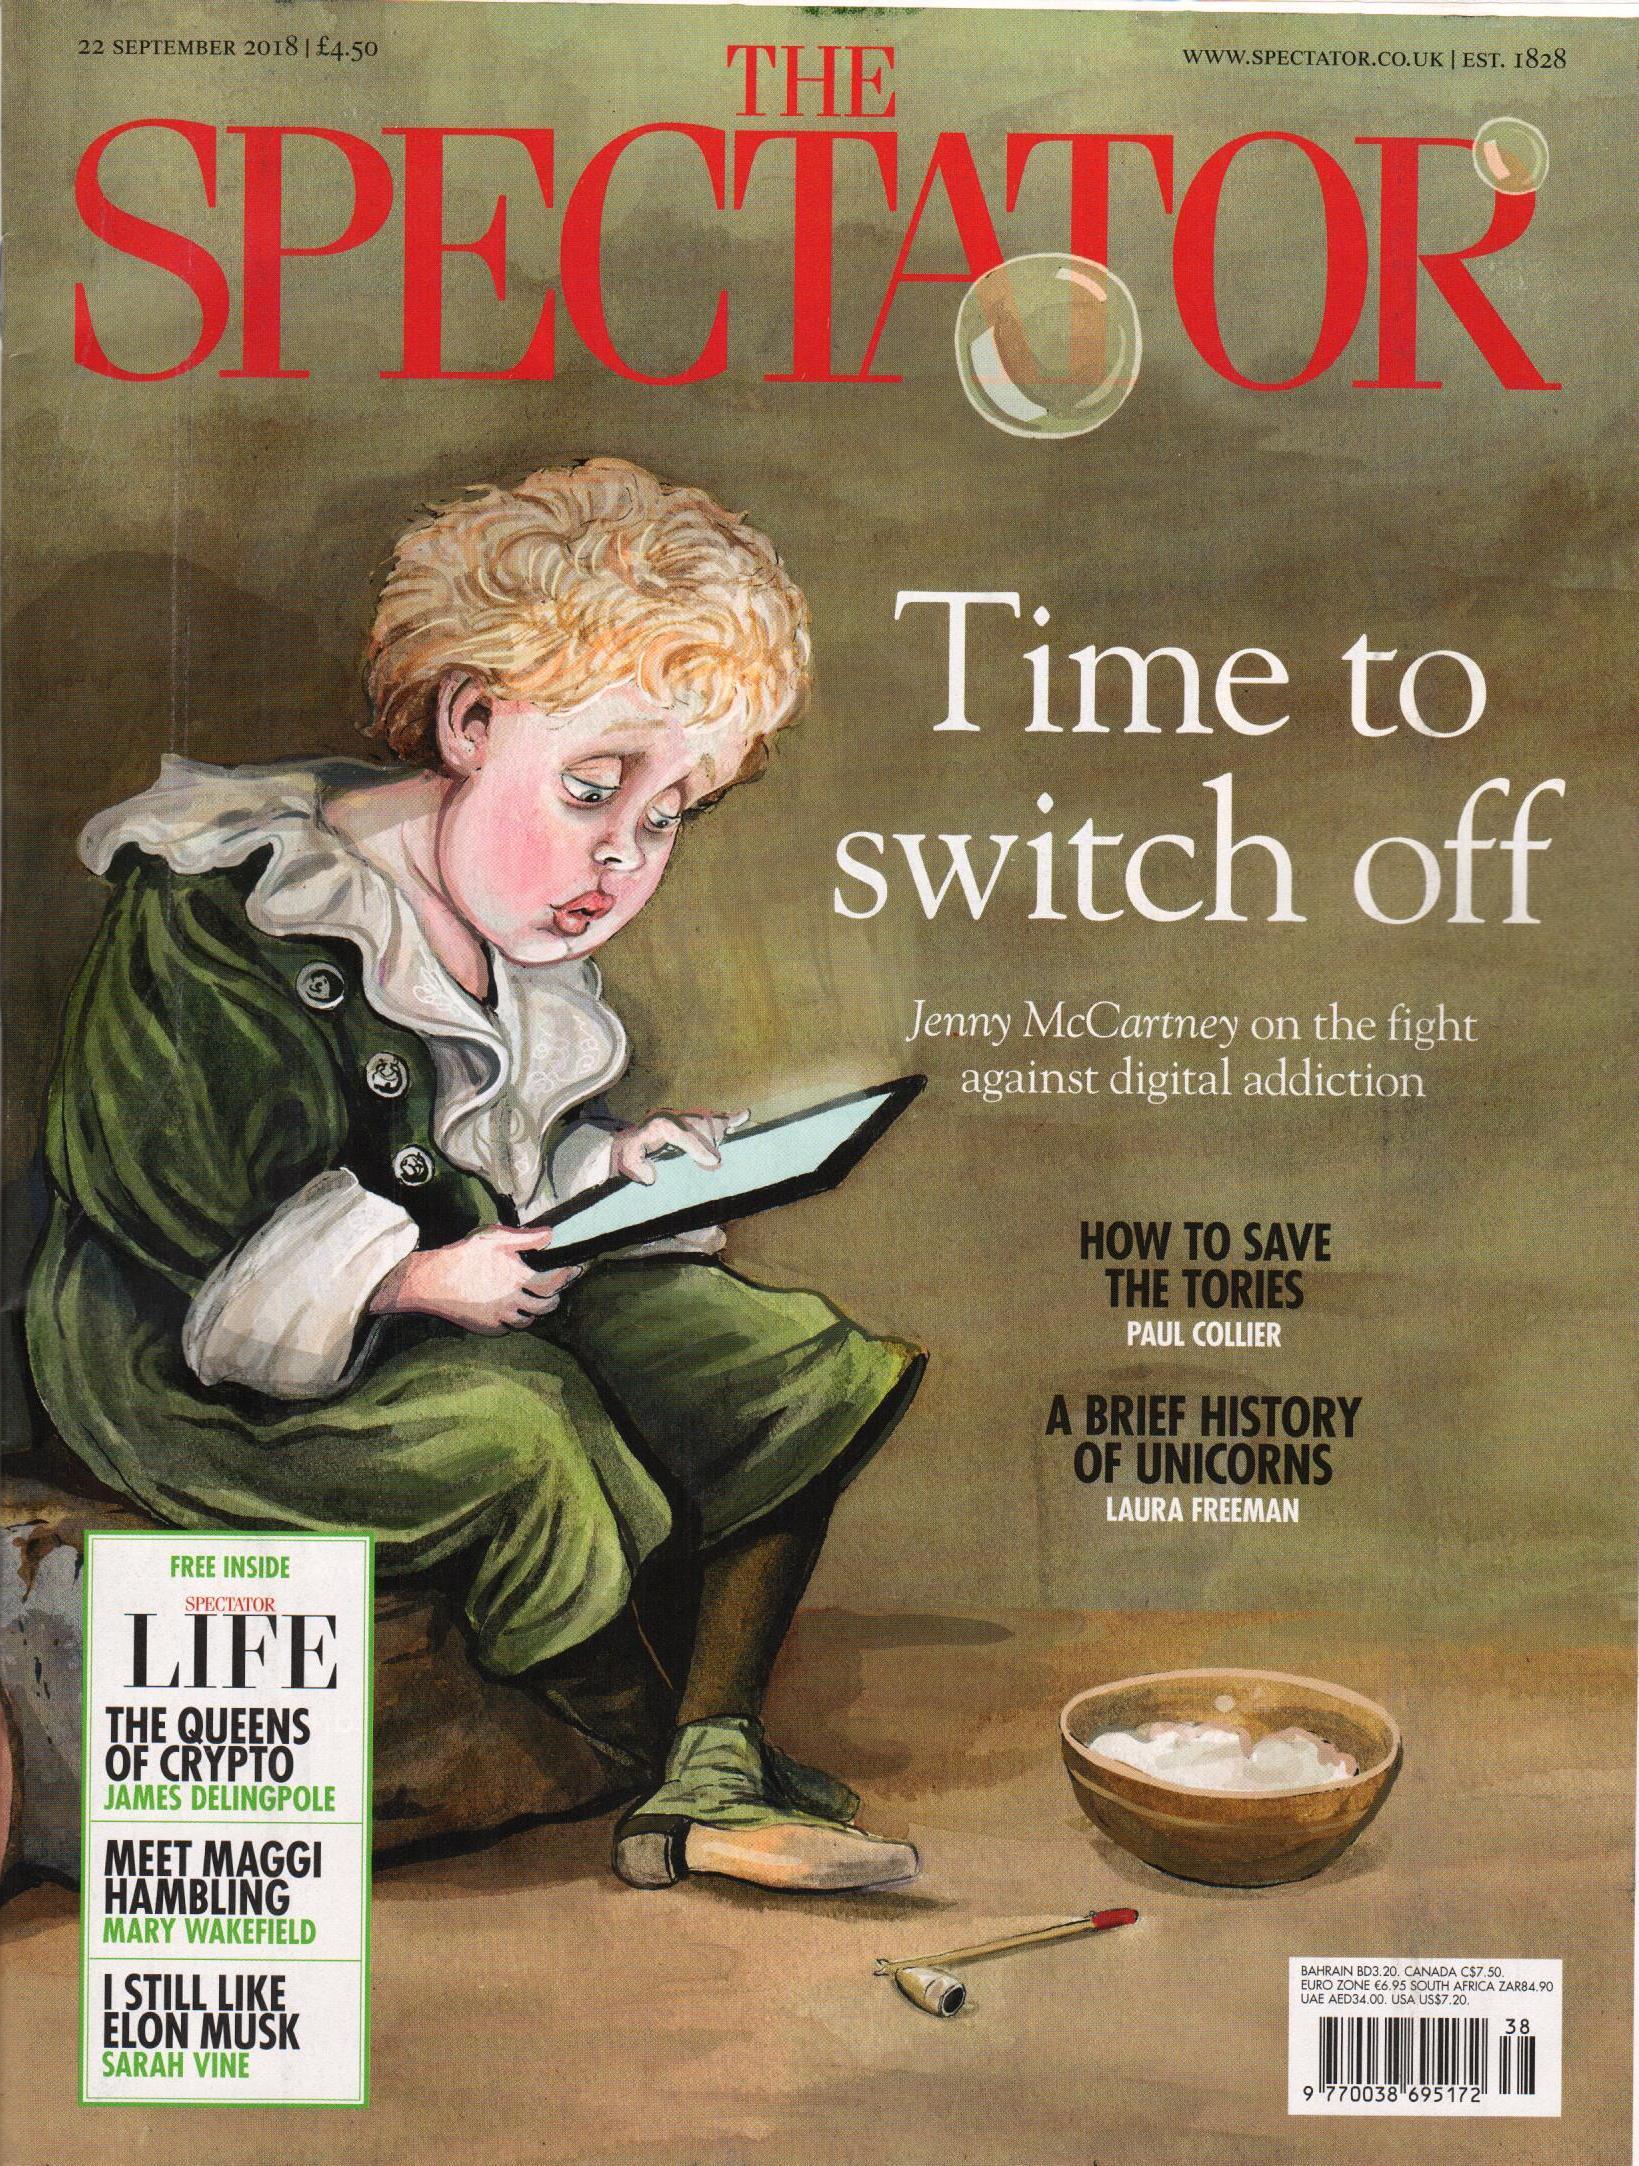 Spectator cover 22nd Sept.jpg